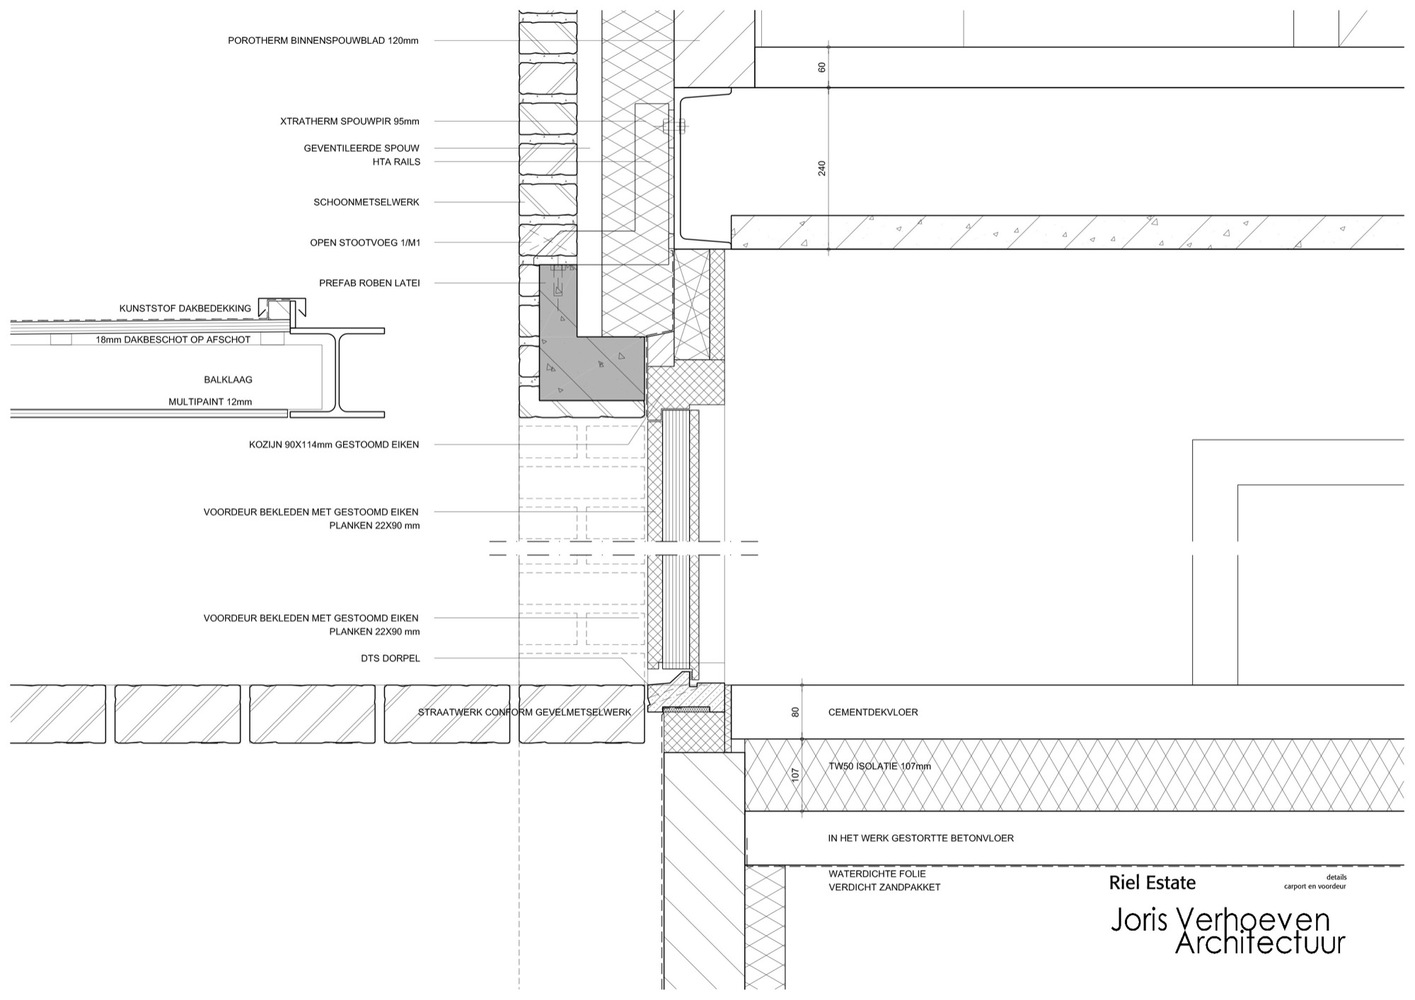 Verrassend Gallery of Riel Estate / Joris Verhoeven Architectuur - 22 SG-51